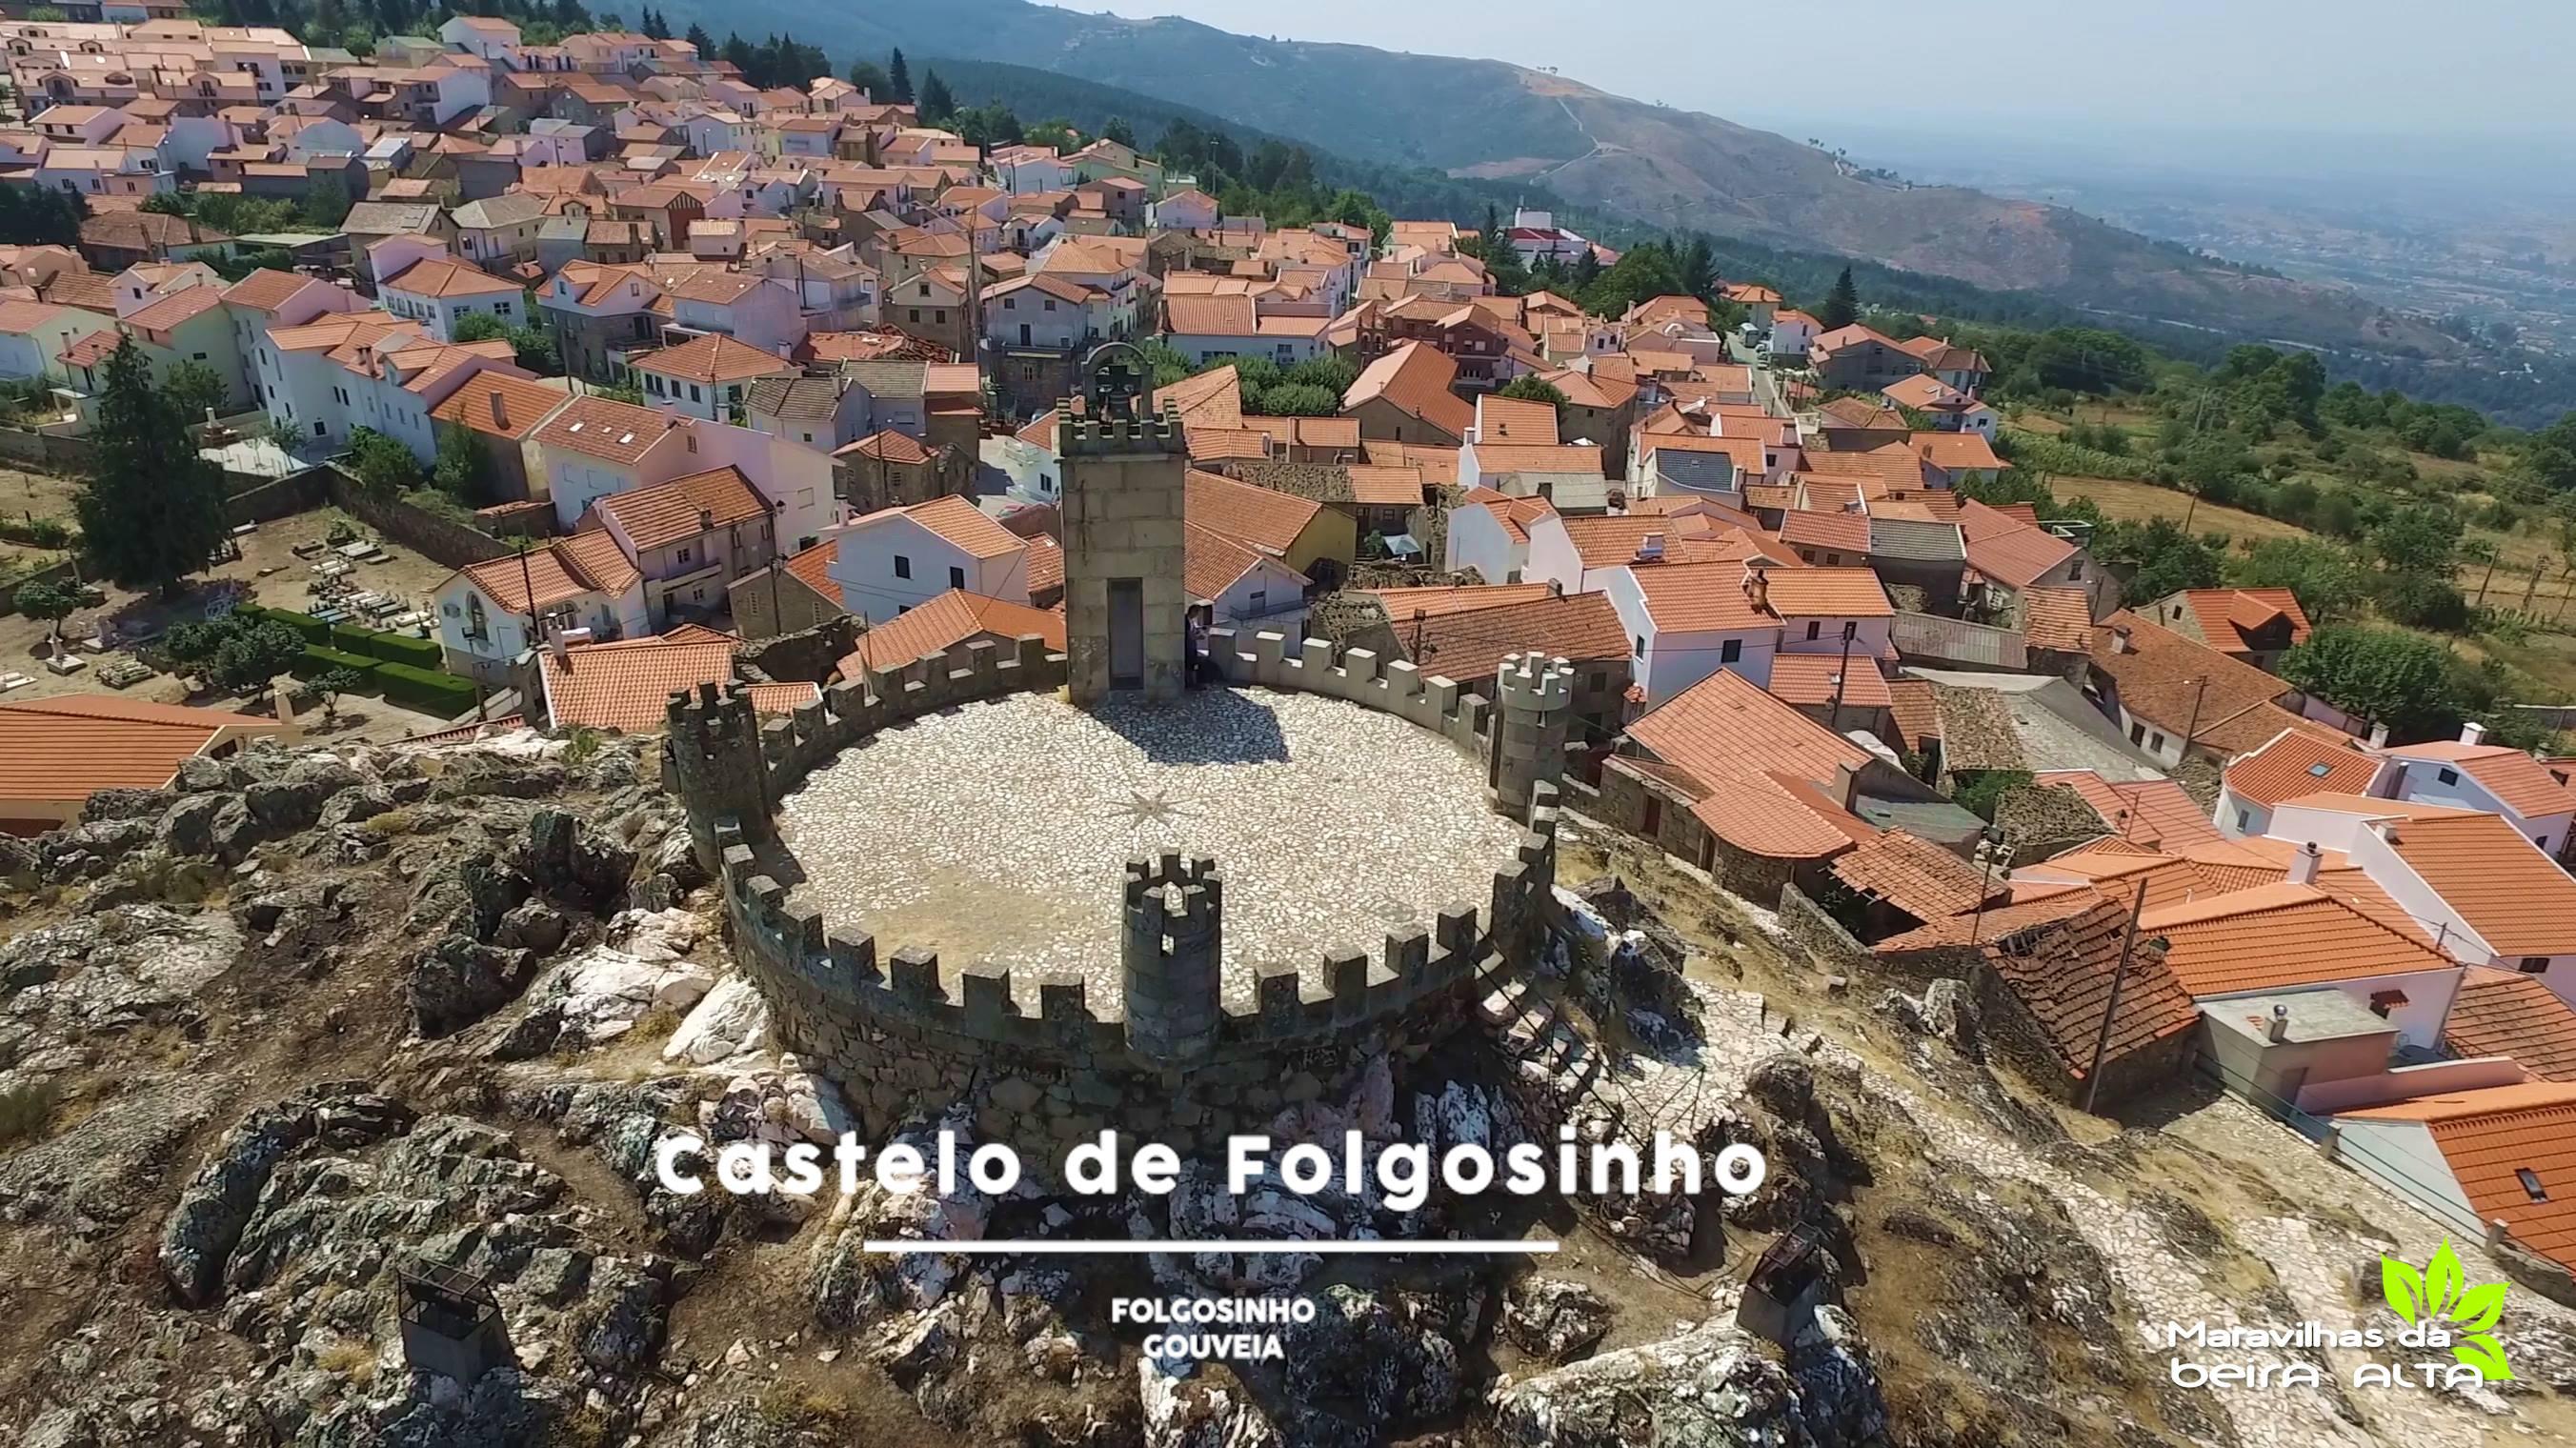 Castelo de Folgosinho - Maravilhas da Beira Alta 🎥🏰